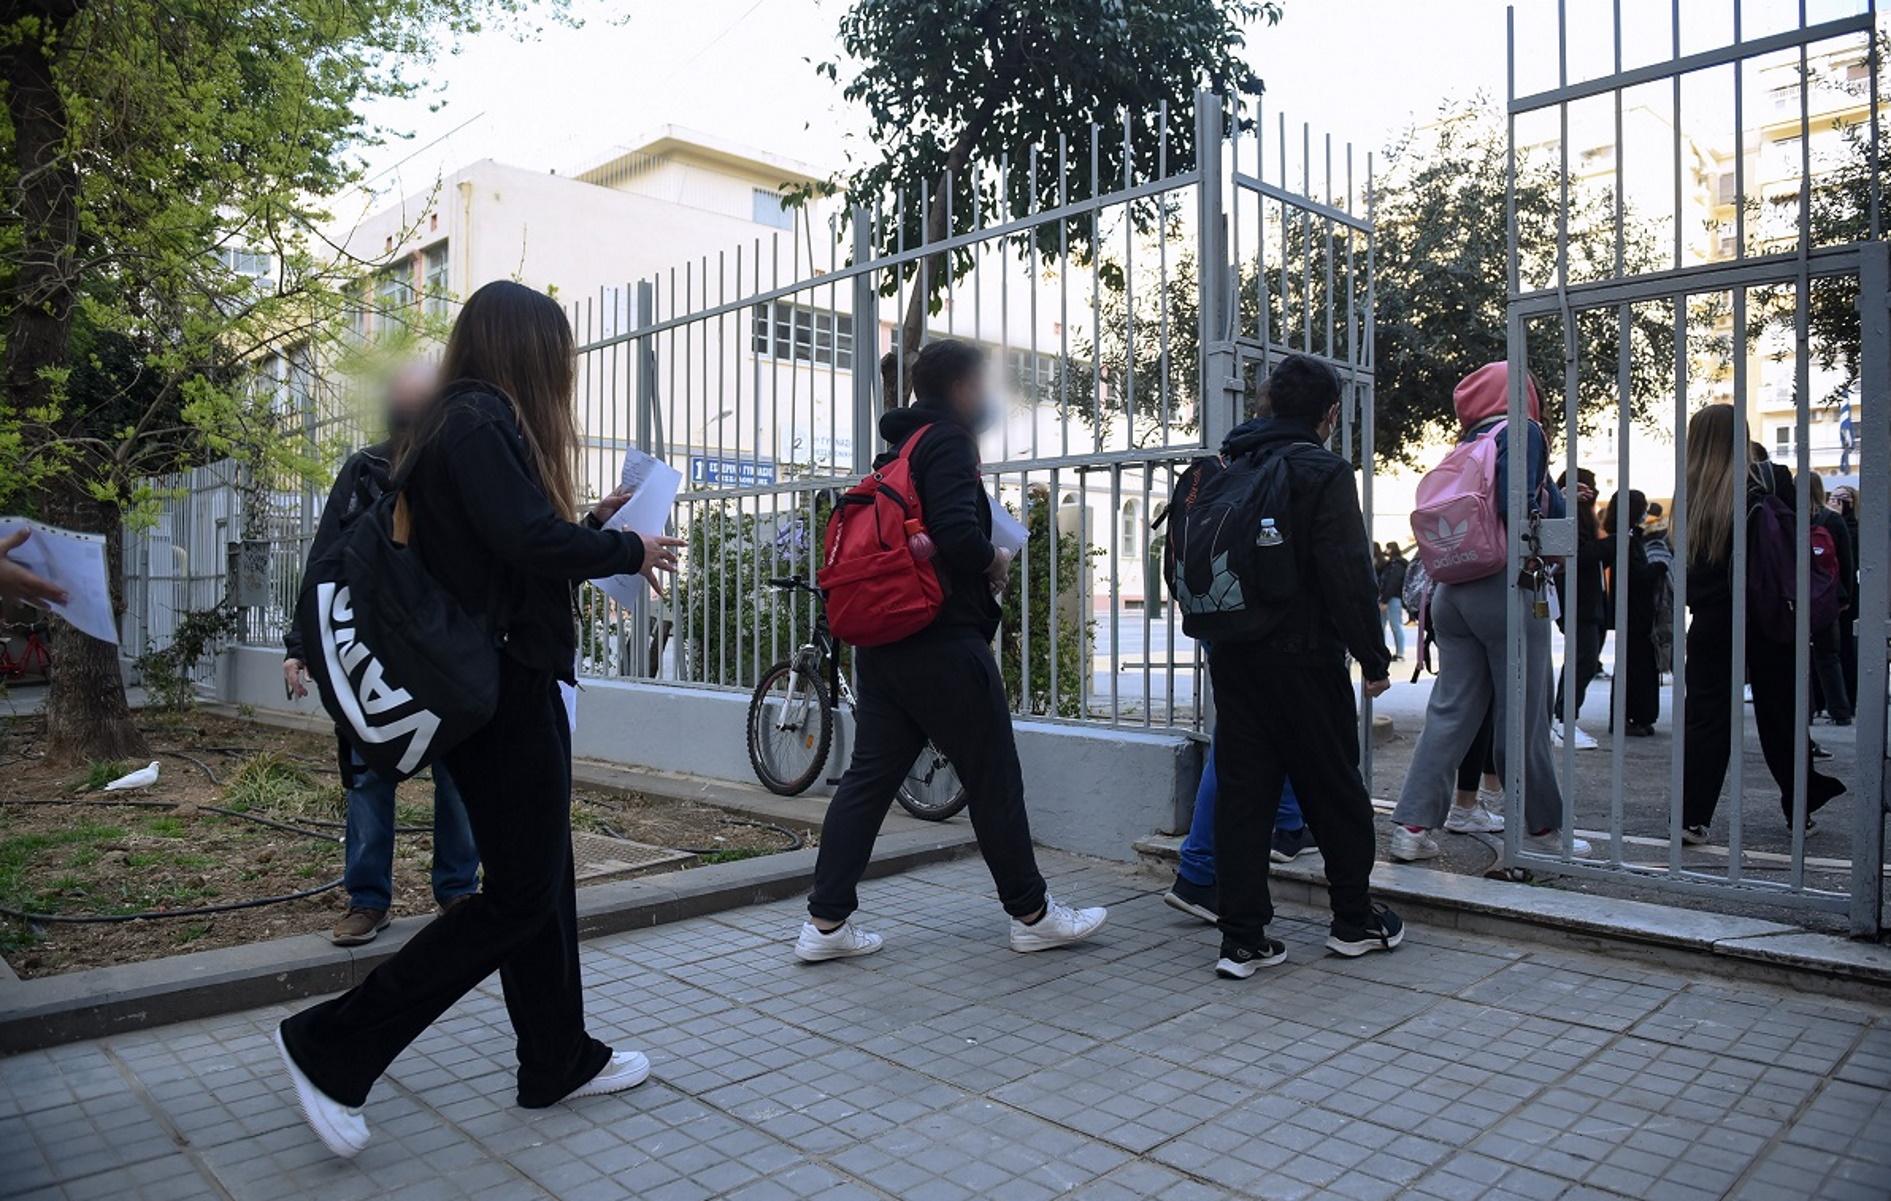 Κορονοϊός – Πάτρα: Συναγερμός σε Λύκειο μετά από κρούσμα σε μαθητή